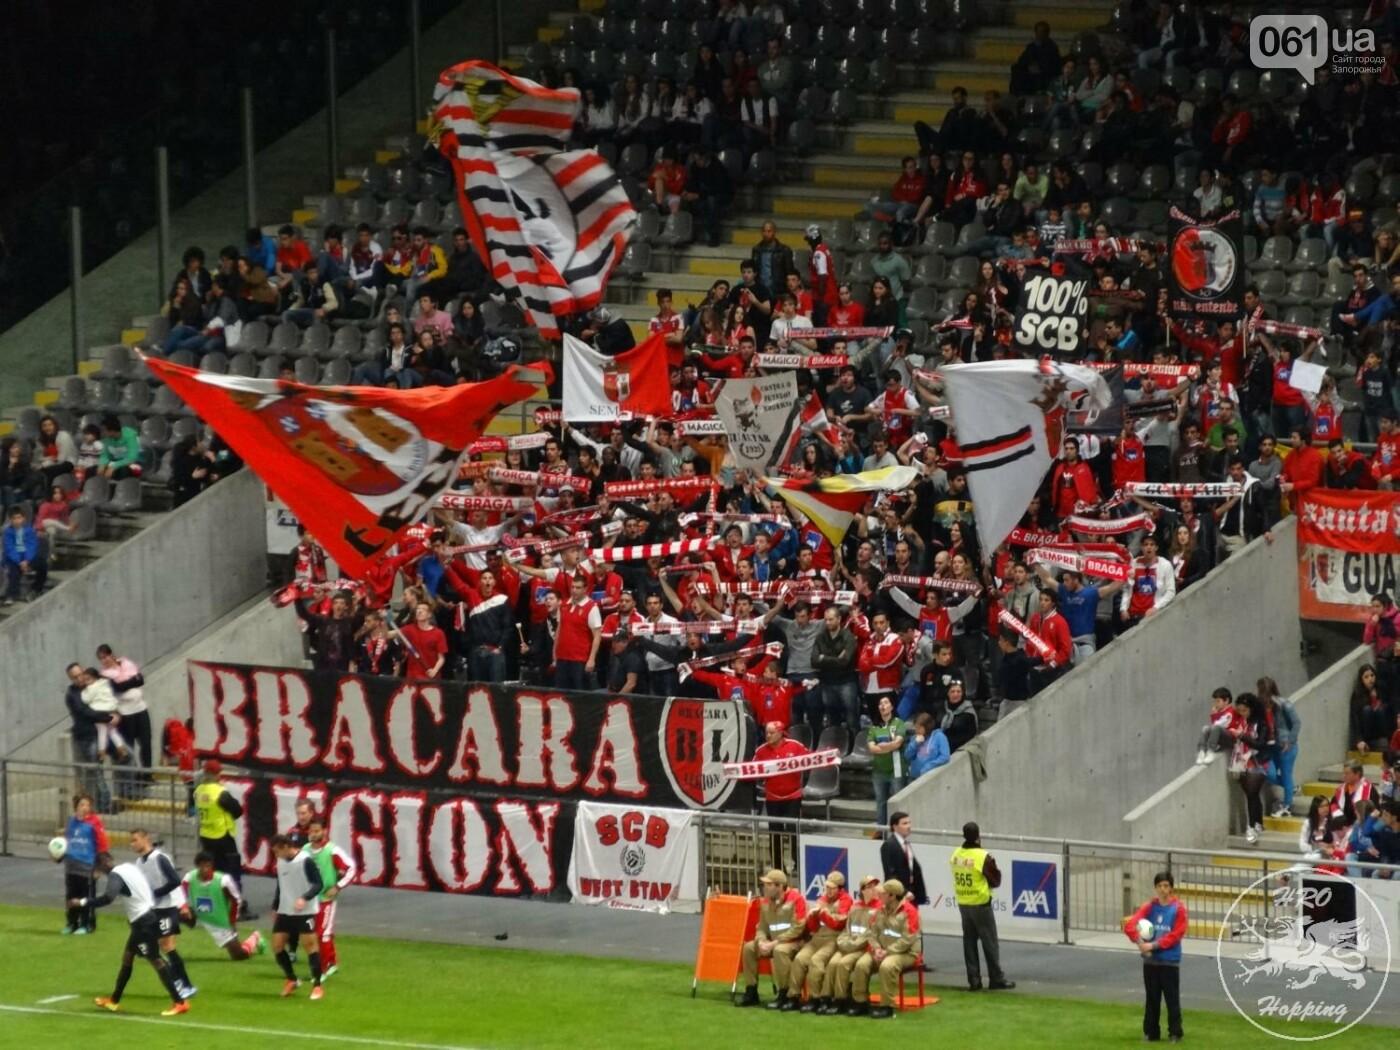 """В Запорожье едут португальские болельщики: что известно о сопернике """"Зари"""" в Лиге Европы, фото-2"""